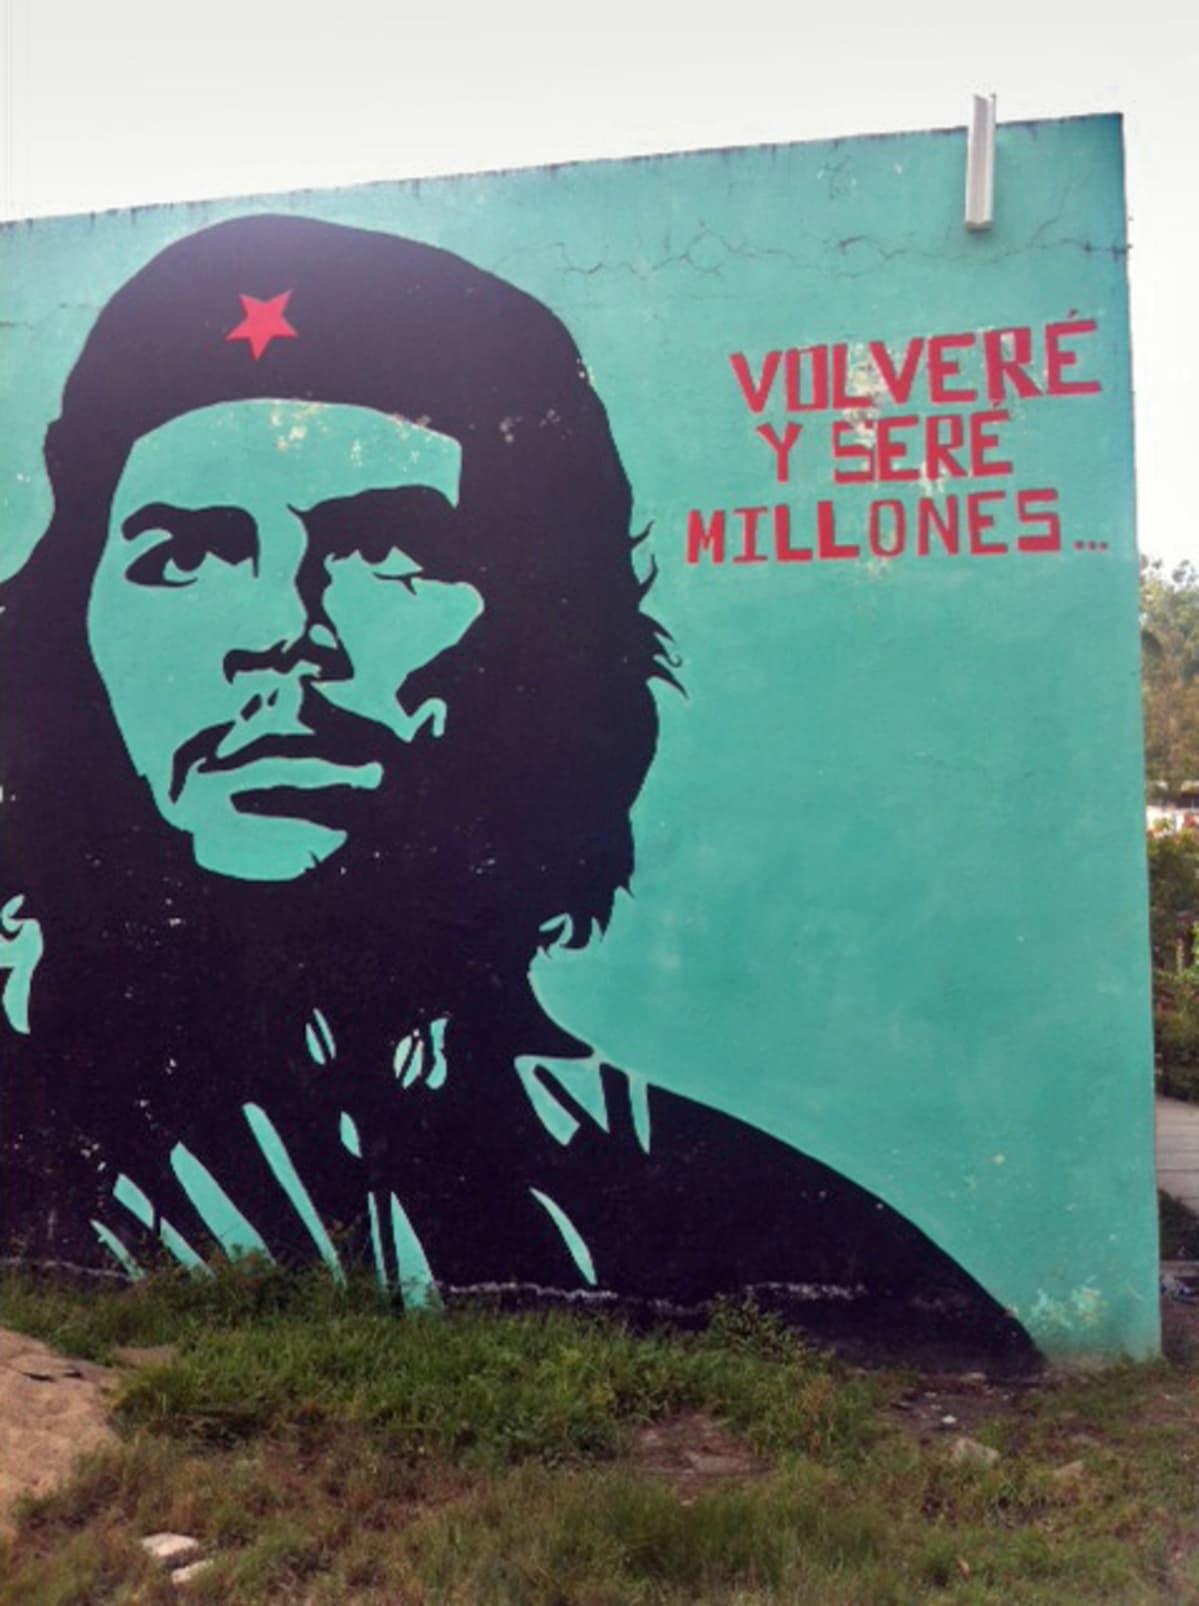 Ayotzinapan opettajakoulun julisteista huokuu väkevä vallankumousromantiikka.